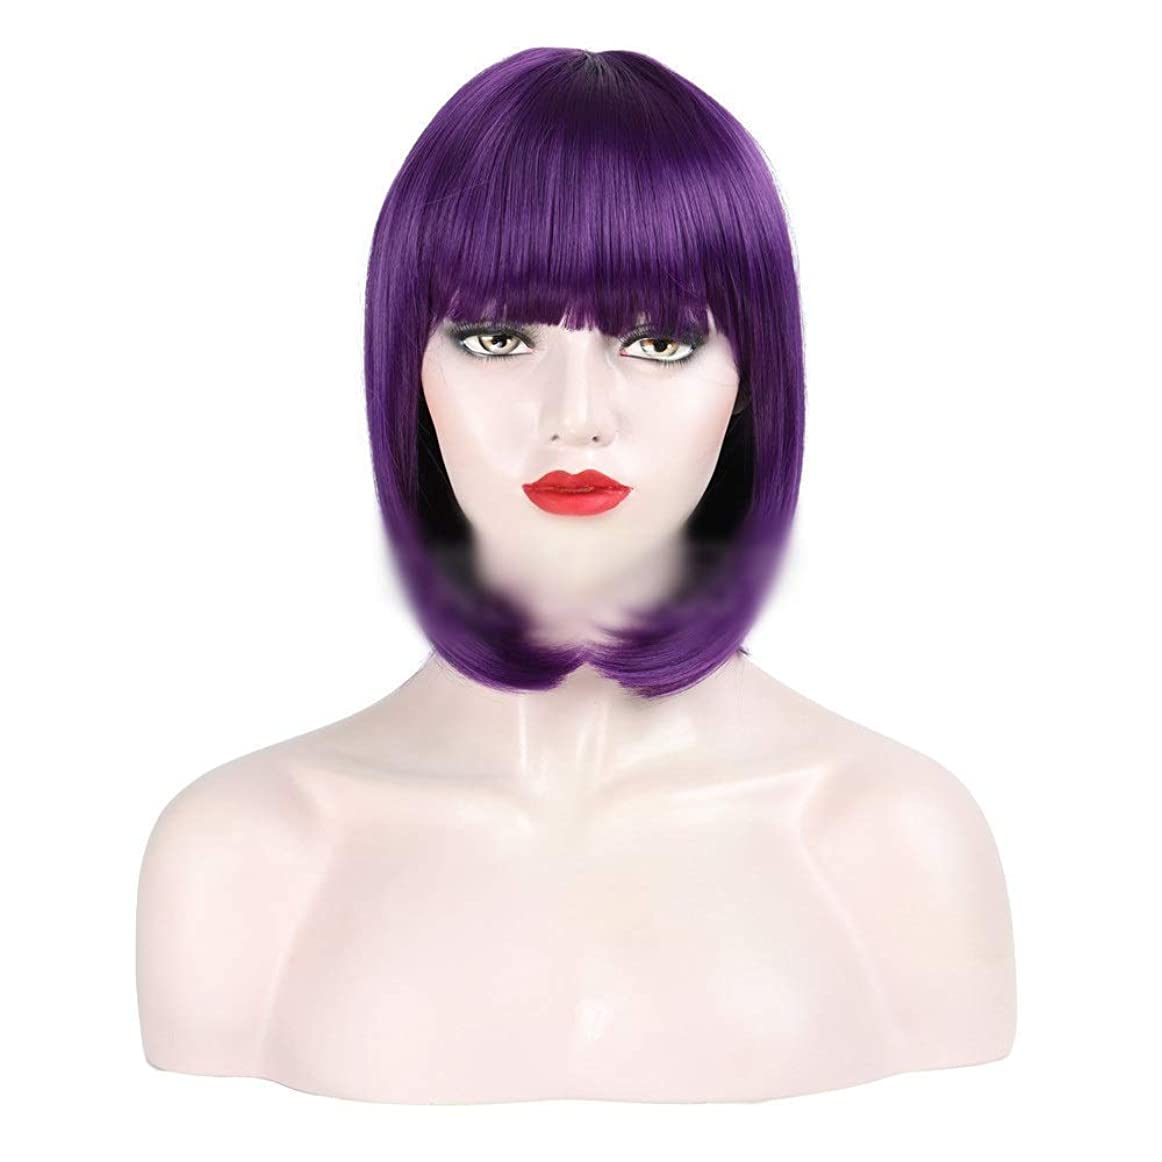 頑丈ゴールド進むBOBIDYEE コスプレウィッグパープルヘアボブウィッグショートヘア前髪付きナチュラルストレート女性レディースパーティーウィッグ (Color : Purple)